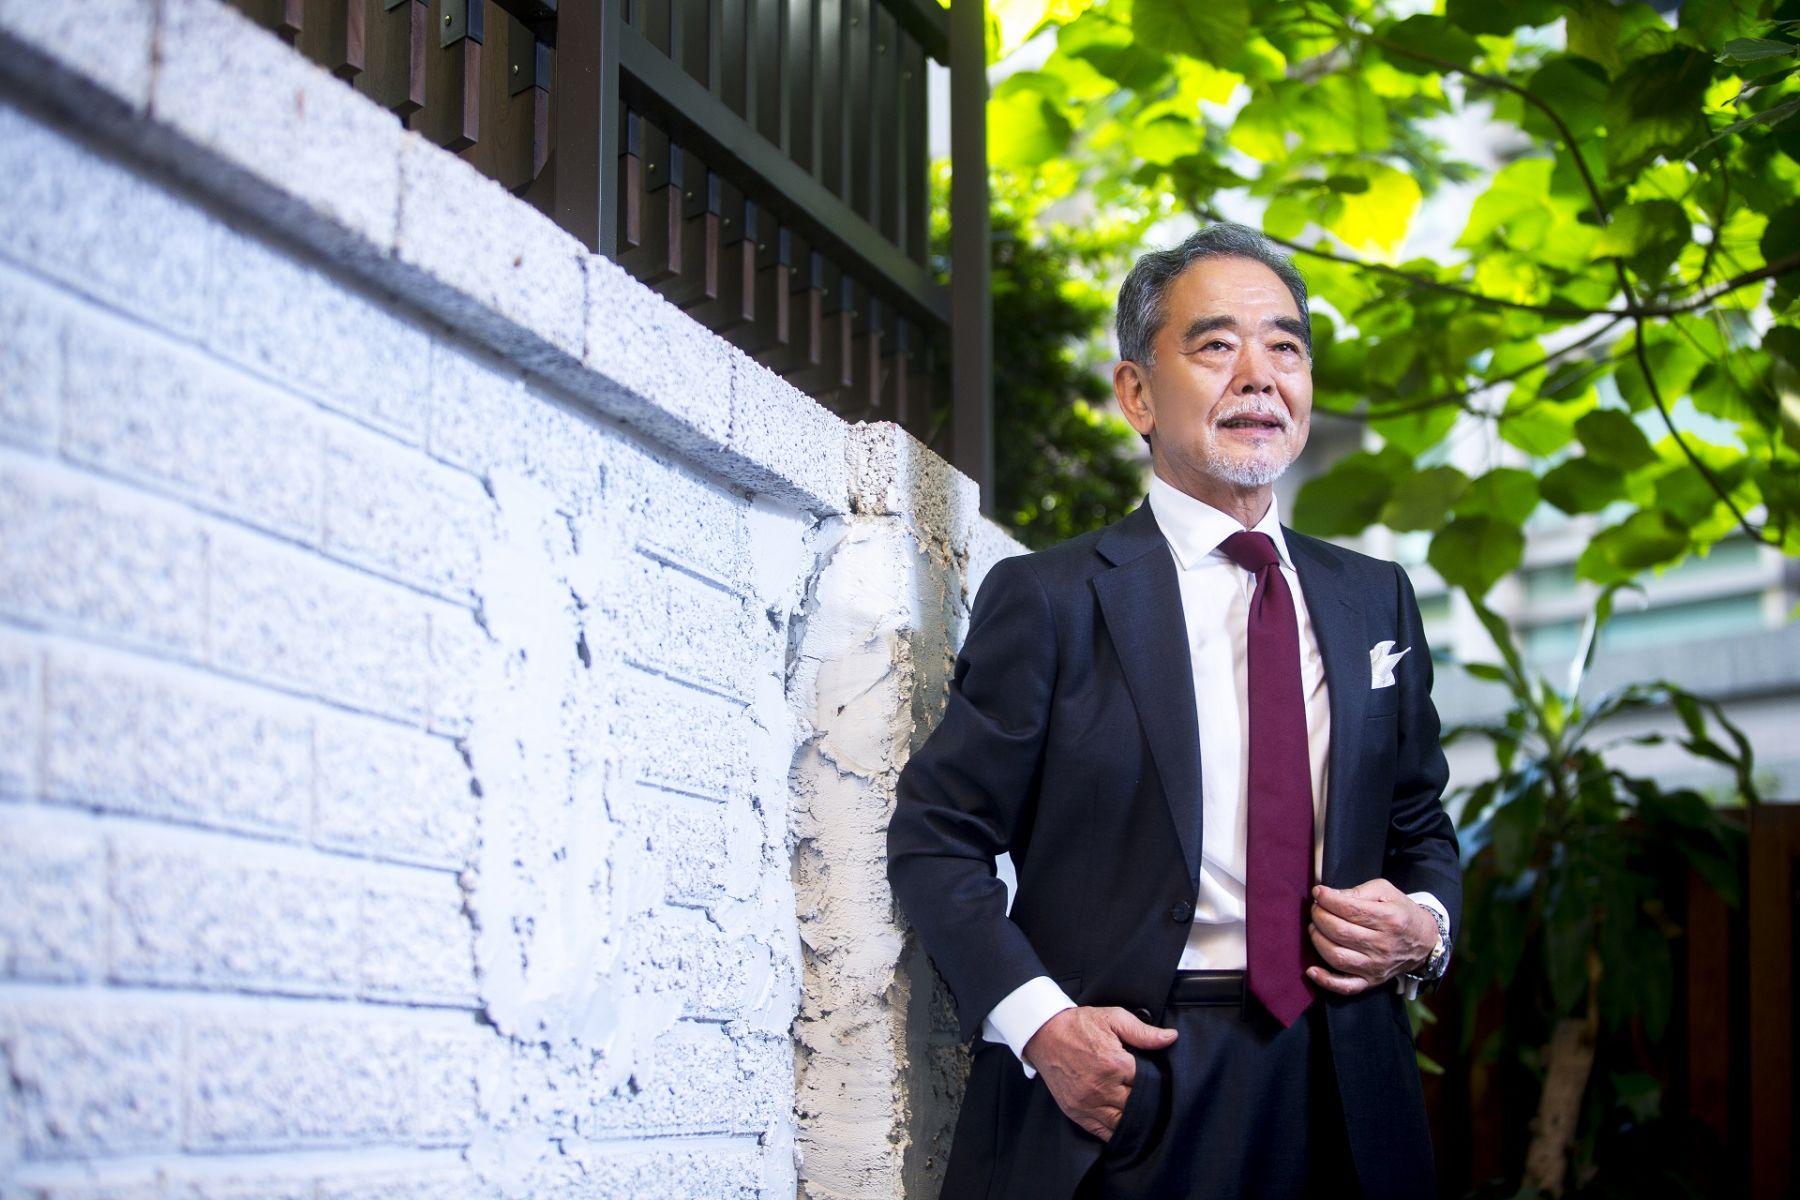 專題/超過50歲讓穿搭更有意義!日本時尚爺爺的六個優雅法則